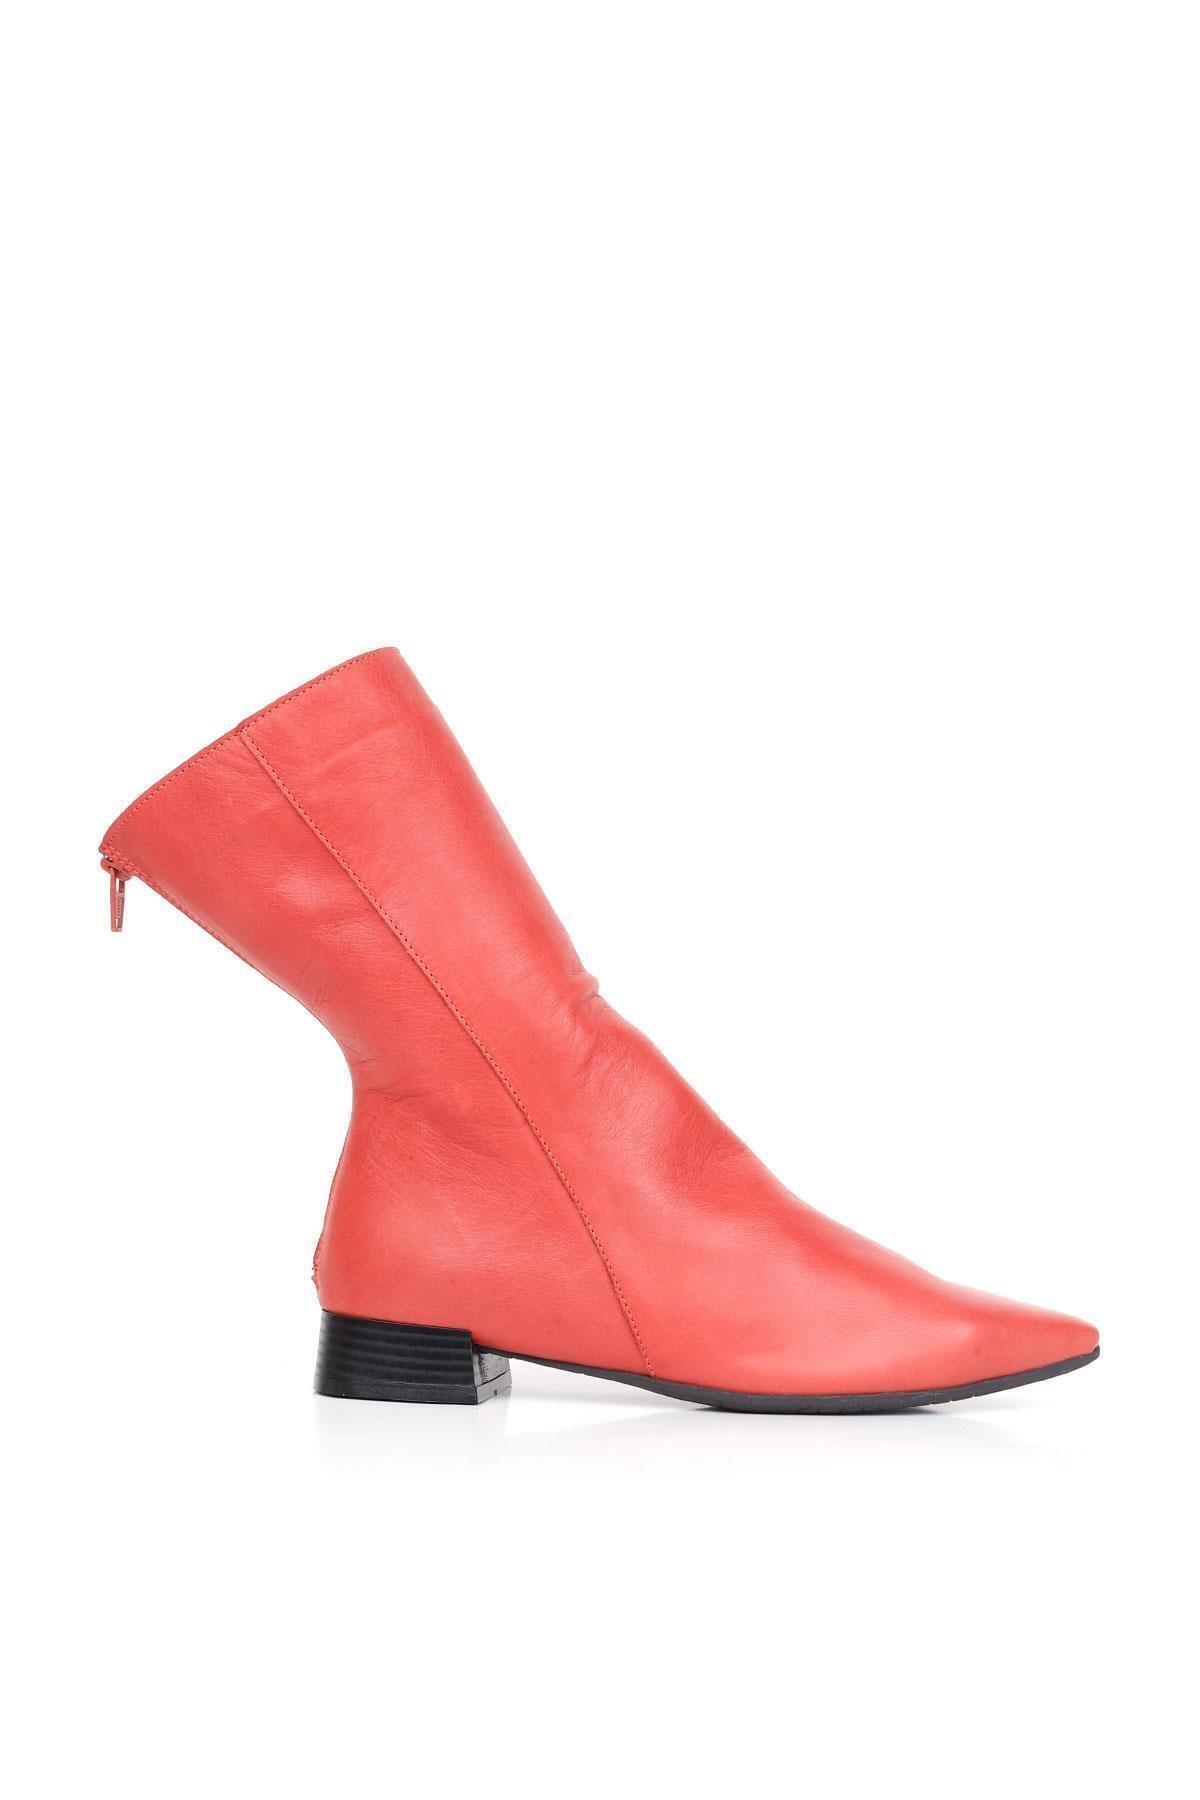 BUENO Shoes Hakiki Deri Kadın Topuklu Bot 01wr3011 1